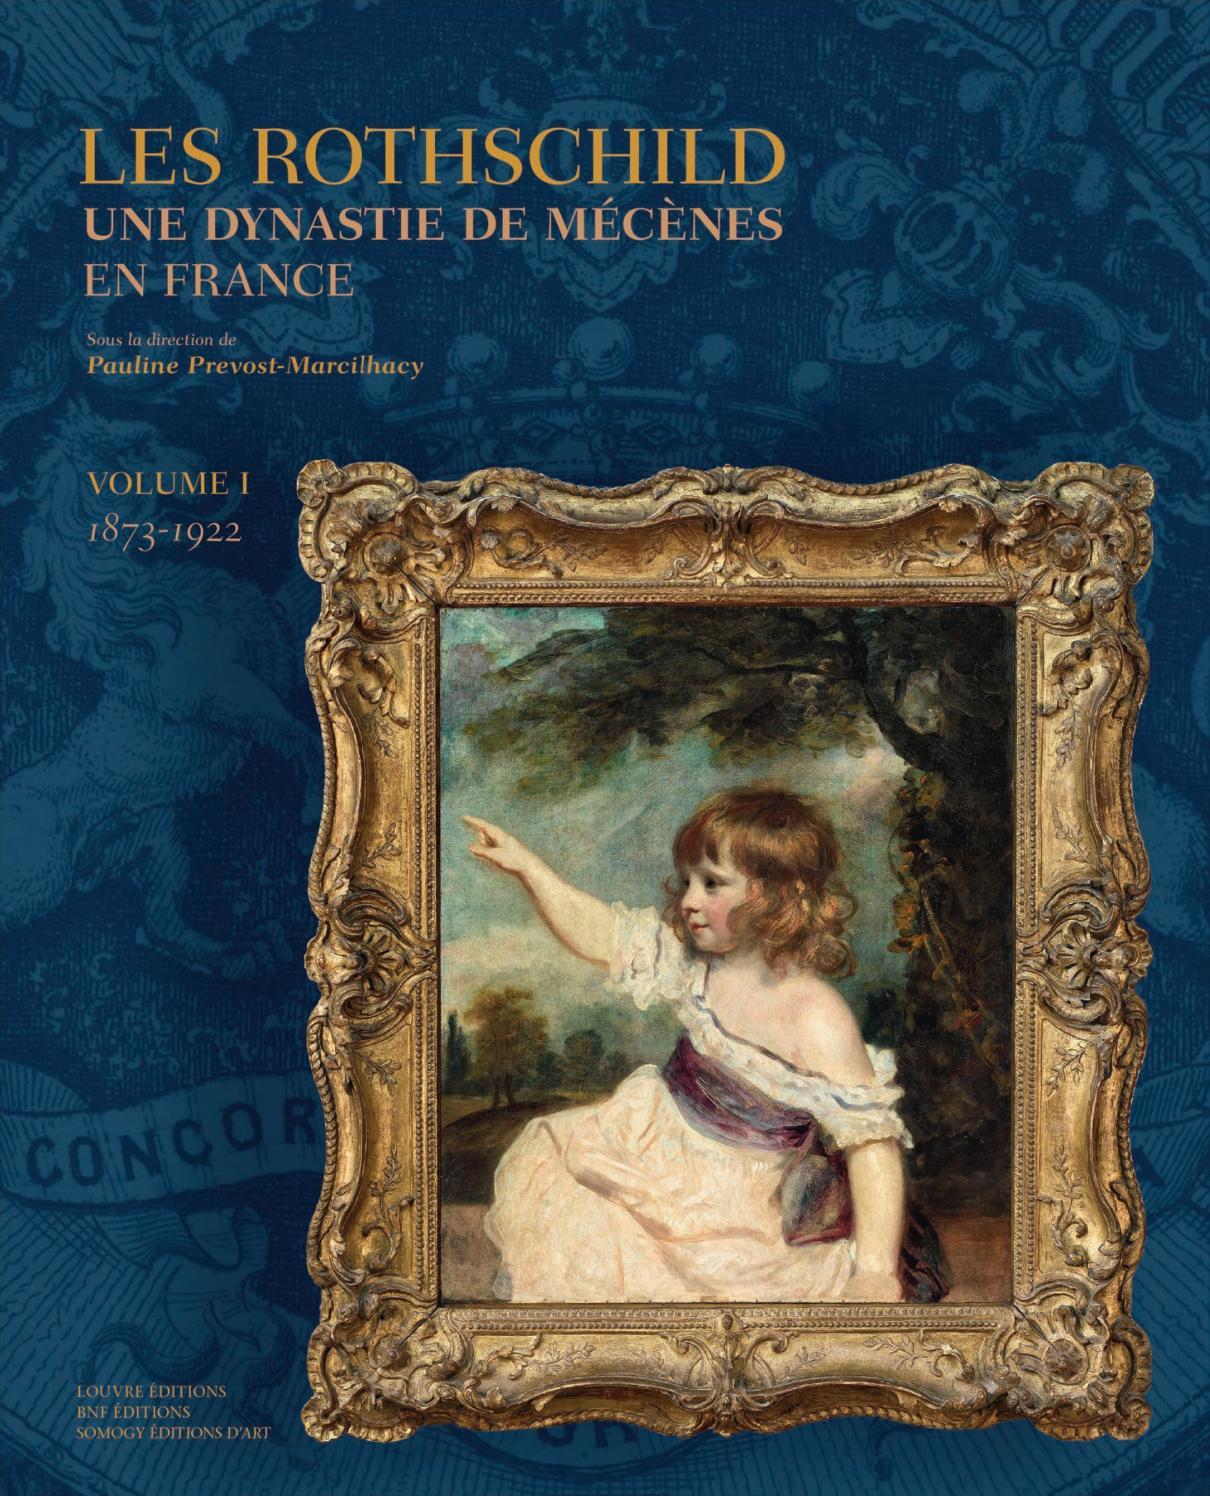 Les Rothschild, une dynastie de mécènes en France (extrait) by Somogy  éditions d'Art - issuu